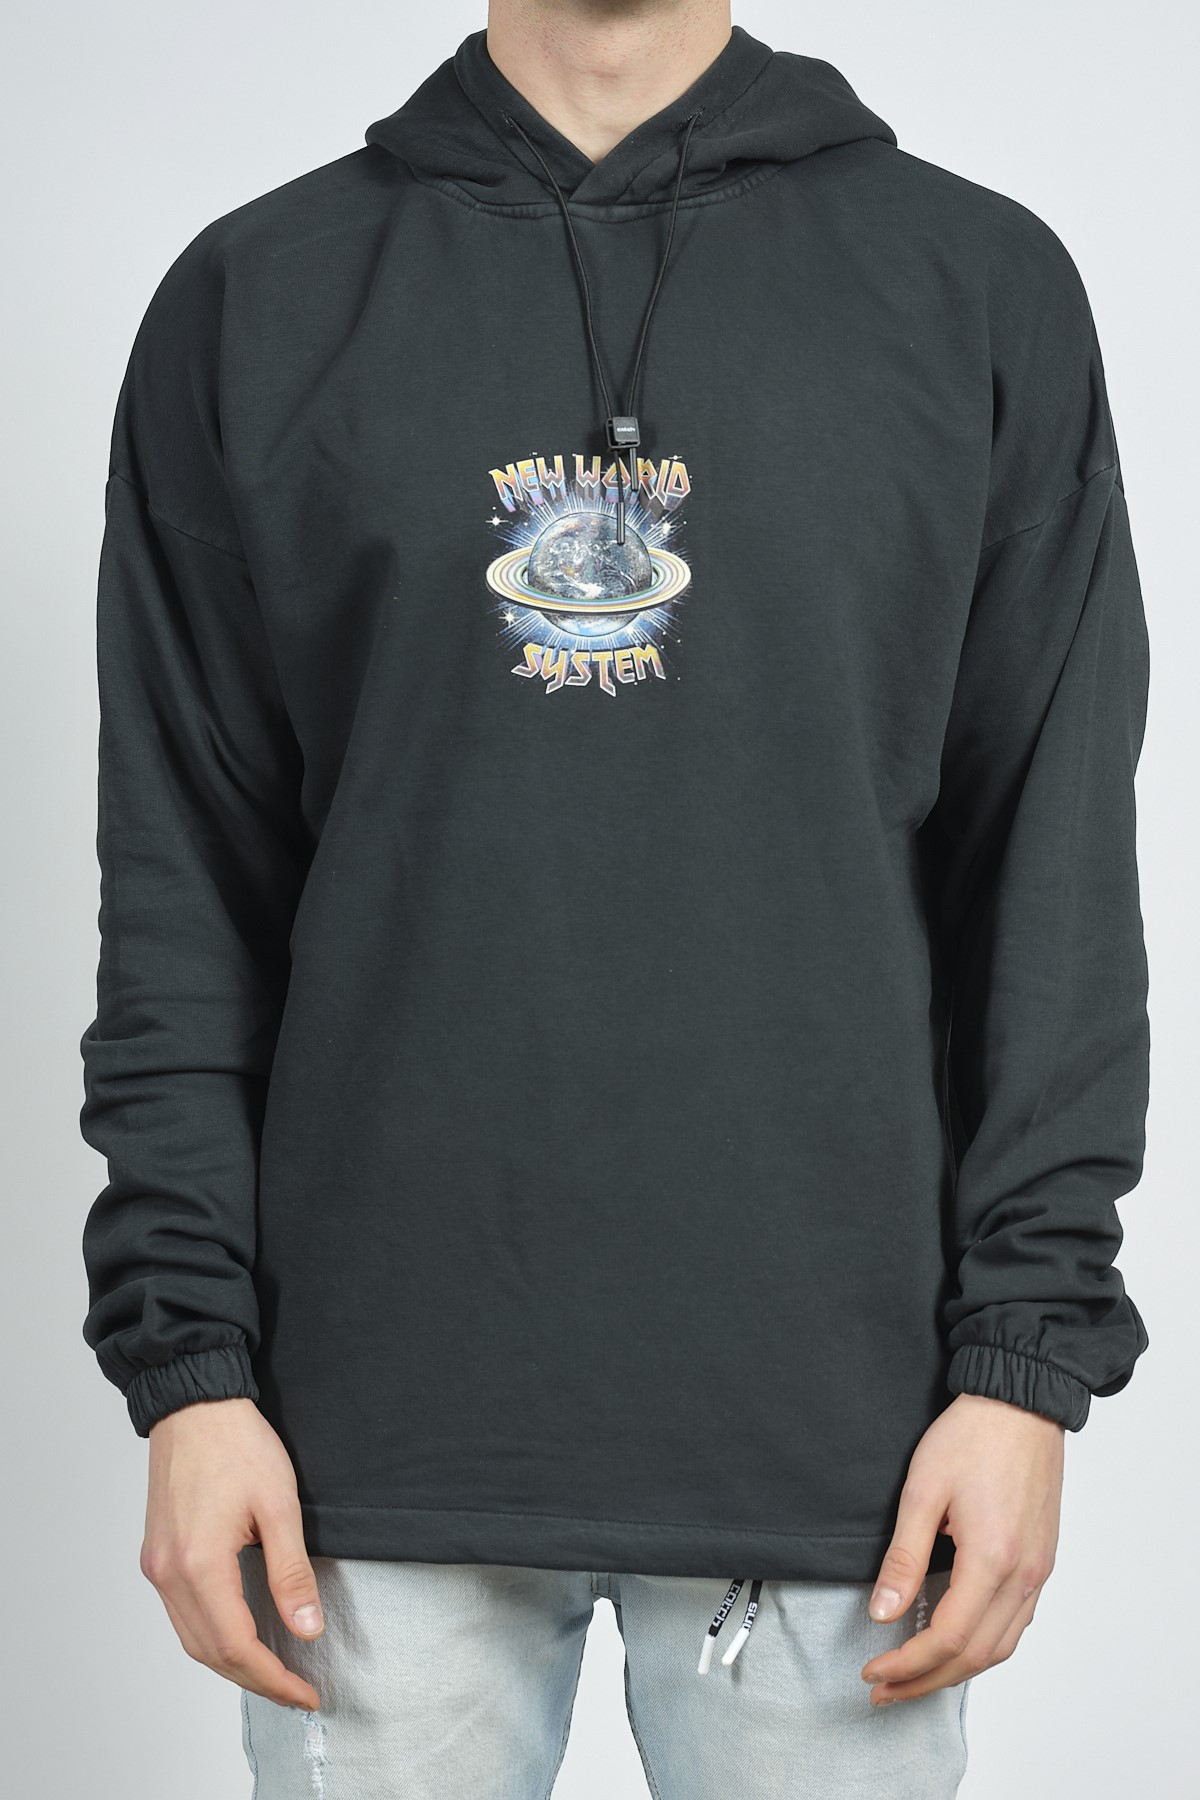 XHAN - Siyah Yıkamalı Baskılı Sweatshirt 1KXE8-44281-02